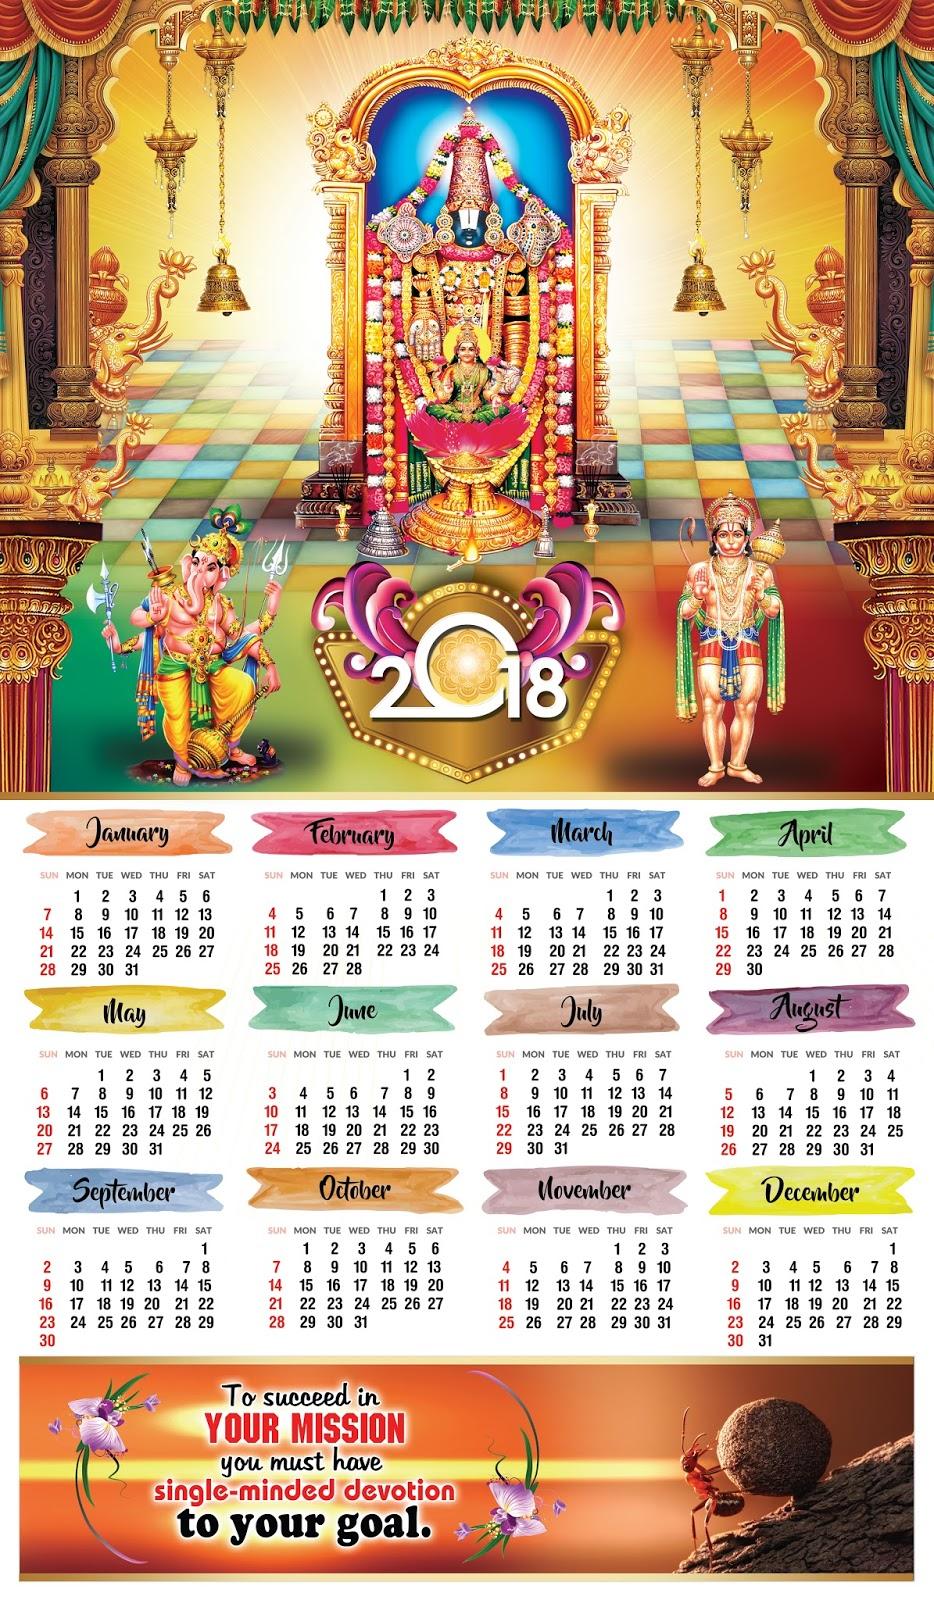 Hindu Calendar Design : Wall calendar psd template free downloads with lord